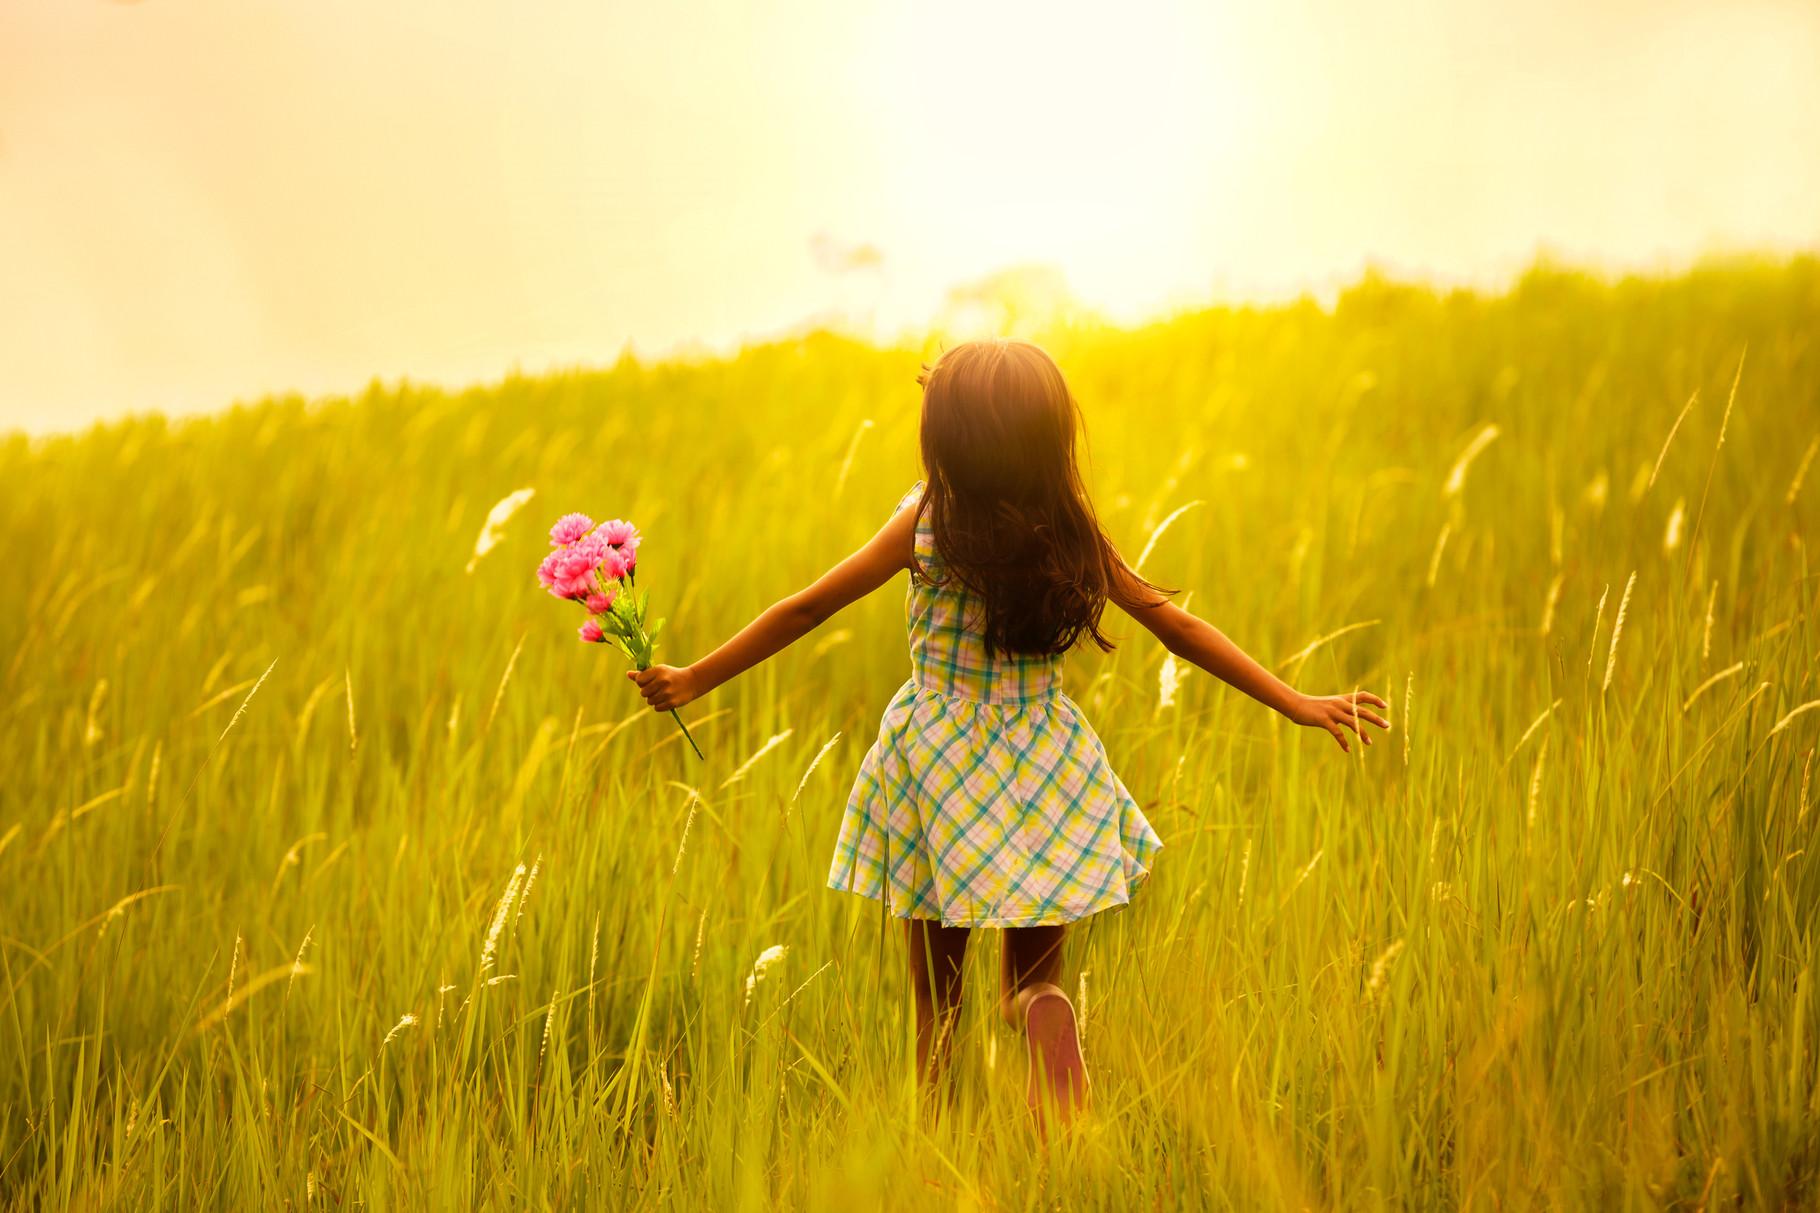 """""""Vivre en pleine conscience, ralentir son pas et goûter chaque seconde et chaque respiration, cela suffit"""" Liu Hiang"""